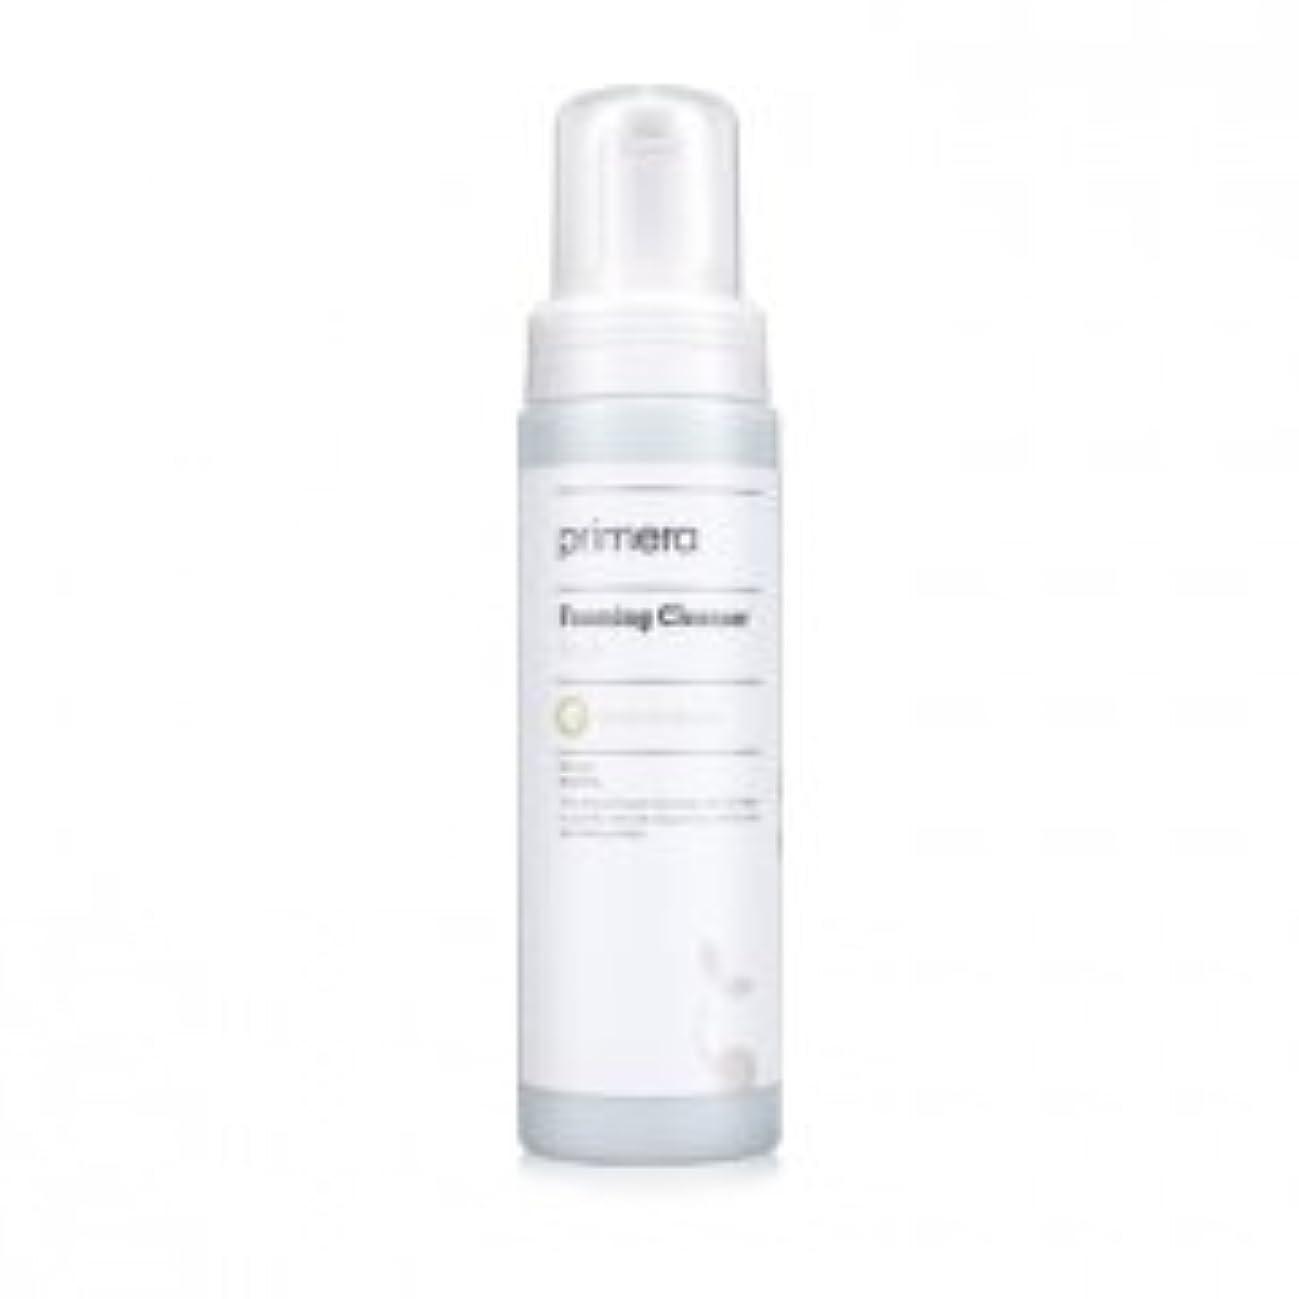 汚いビタミンマージンprimera プリメーラ プリメラ リッチ フォーミング クレンザー 200ml primera foaming cleanser 200ml (洗顔)